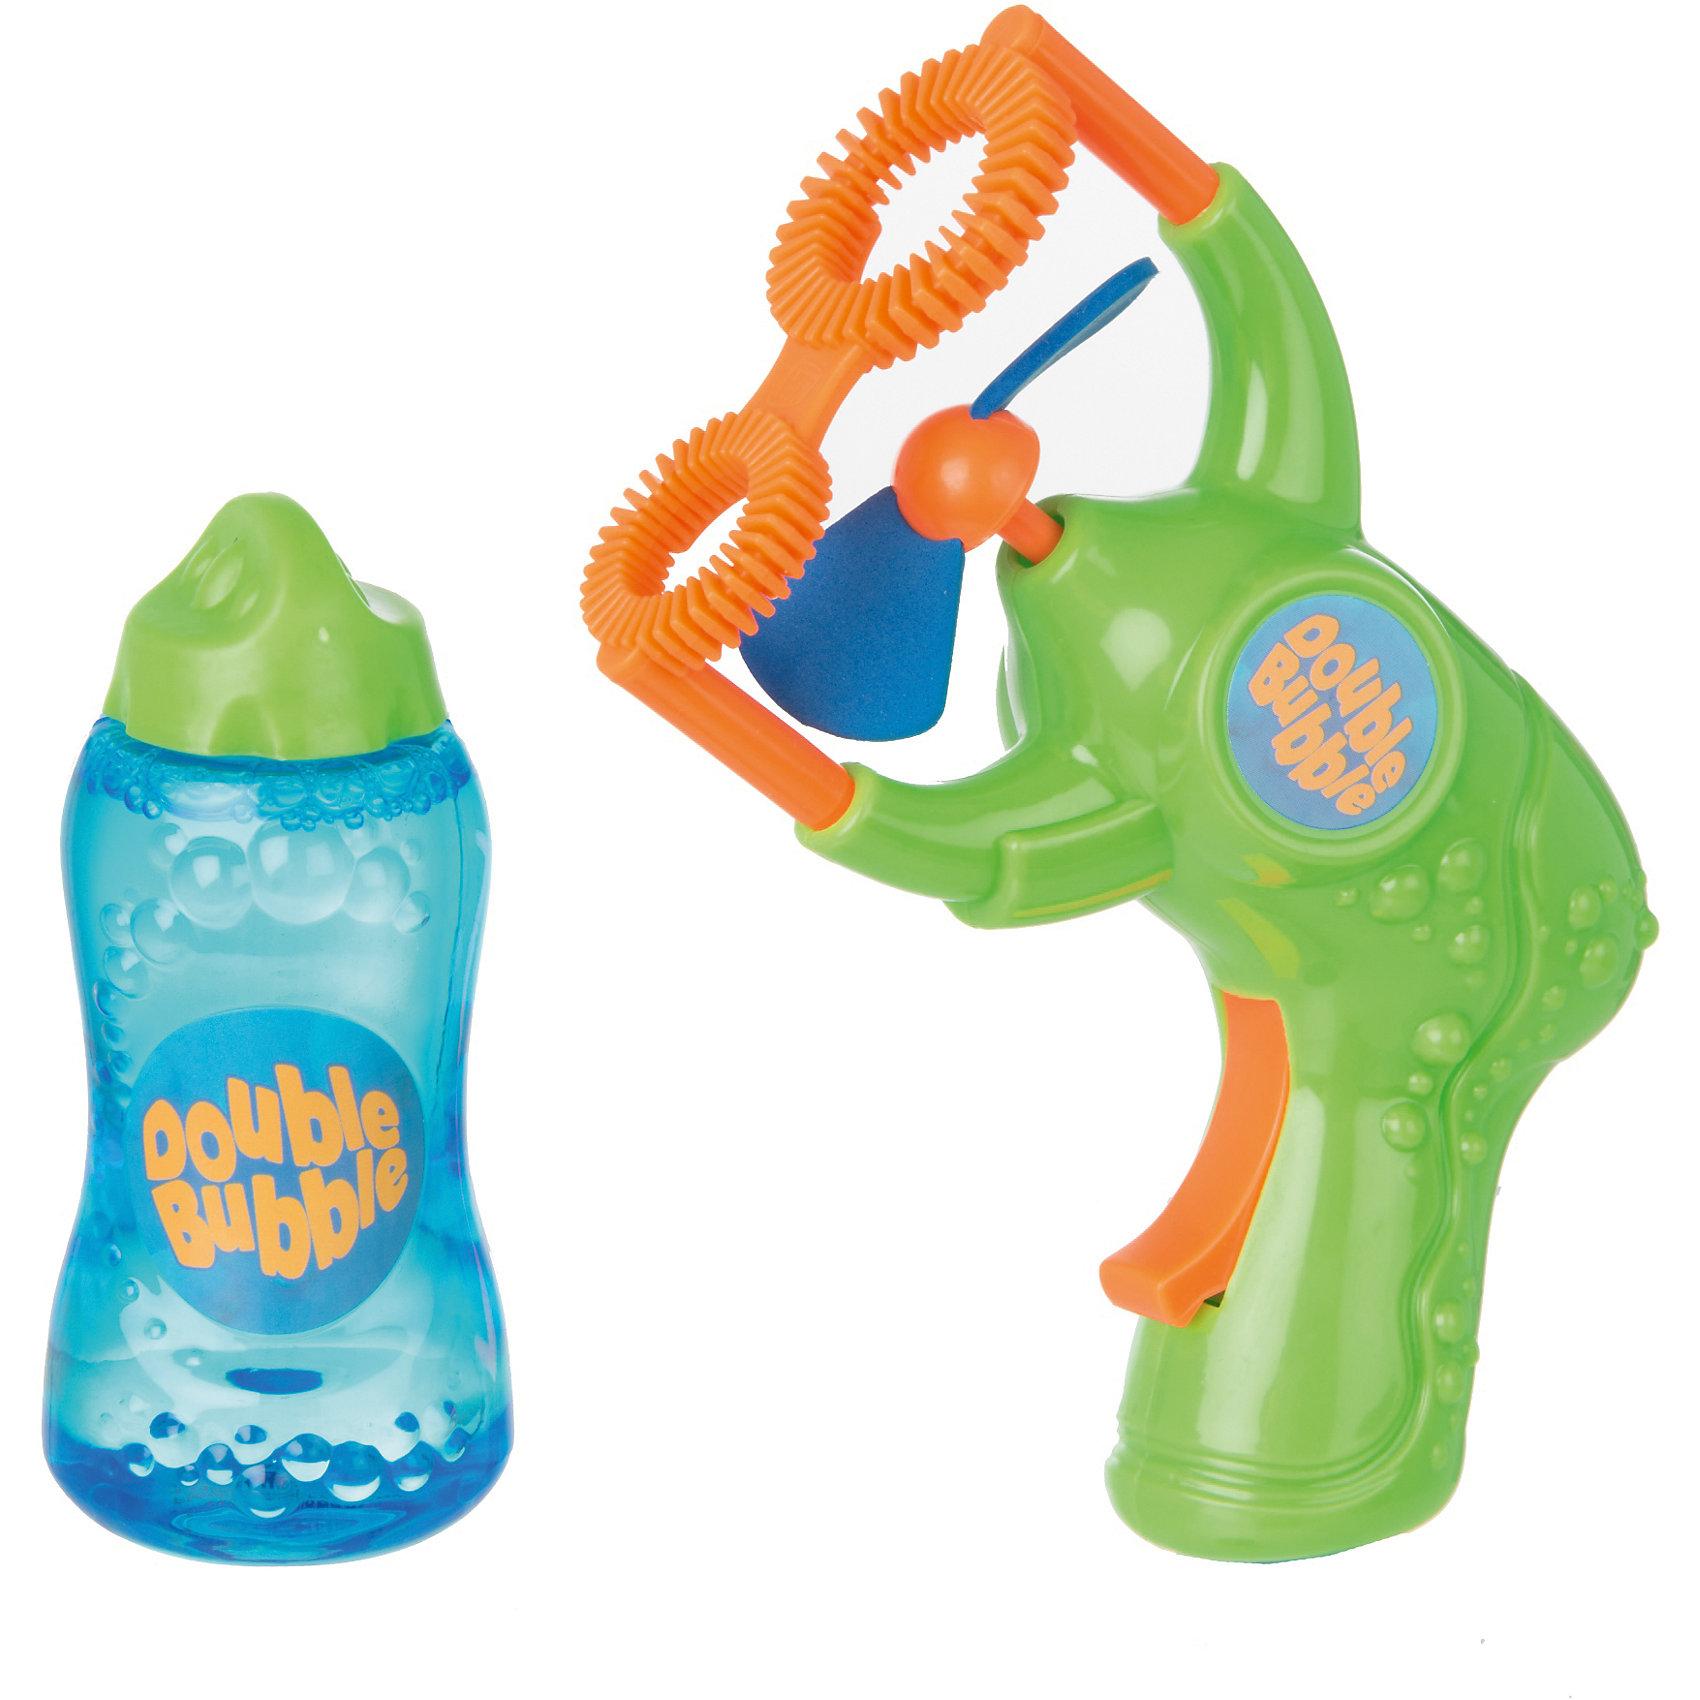 Пистолет для пускания мыльных пузырей, HTIМыльные пузыри<br>Пистолет для пускания мыльных пузырей, HTI.<br><br>Характеристика: <br><br>• Материал: пластик, мыло. <br>• Размер упаковки: 18х5х22 см.  <br>• Комплектация: пистолет для пускания пузырей, мыльный раствор (150 мл). <br>• Элемент питания: 1 АА батарейка (не входит в комплект). <br>• Яркий привлекательный дизайн.<br><br>Дети обожают мыльные пузыри! Новый бластер для пускания мыльных пузырей позволит создать целый фейерверк прозрачных переливающихся шариков. Мыльные пузыри выдуваются с помощью вентилятора, который работает при нажатии и удержании кнопки. Бластер выполнен из высококачественного прочного пластика, мыльная жидкость имеет нетоксичный состав безопасный для детей.<br><br>Пистолет для пускания мыльных пузырей, HTI, можно купить в нашем интернет-магазине.<br><br>Ширина мм: 180<br>Глубина мм: 50<br>Высота мм: 220<br>Вес г: 500<br>Возраст от месяцев: 36<br>Возраст до месяцев: 168<br>Пол: Унисекс<br>Возраст: Детский<br>SKU: 5366543